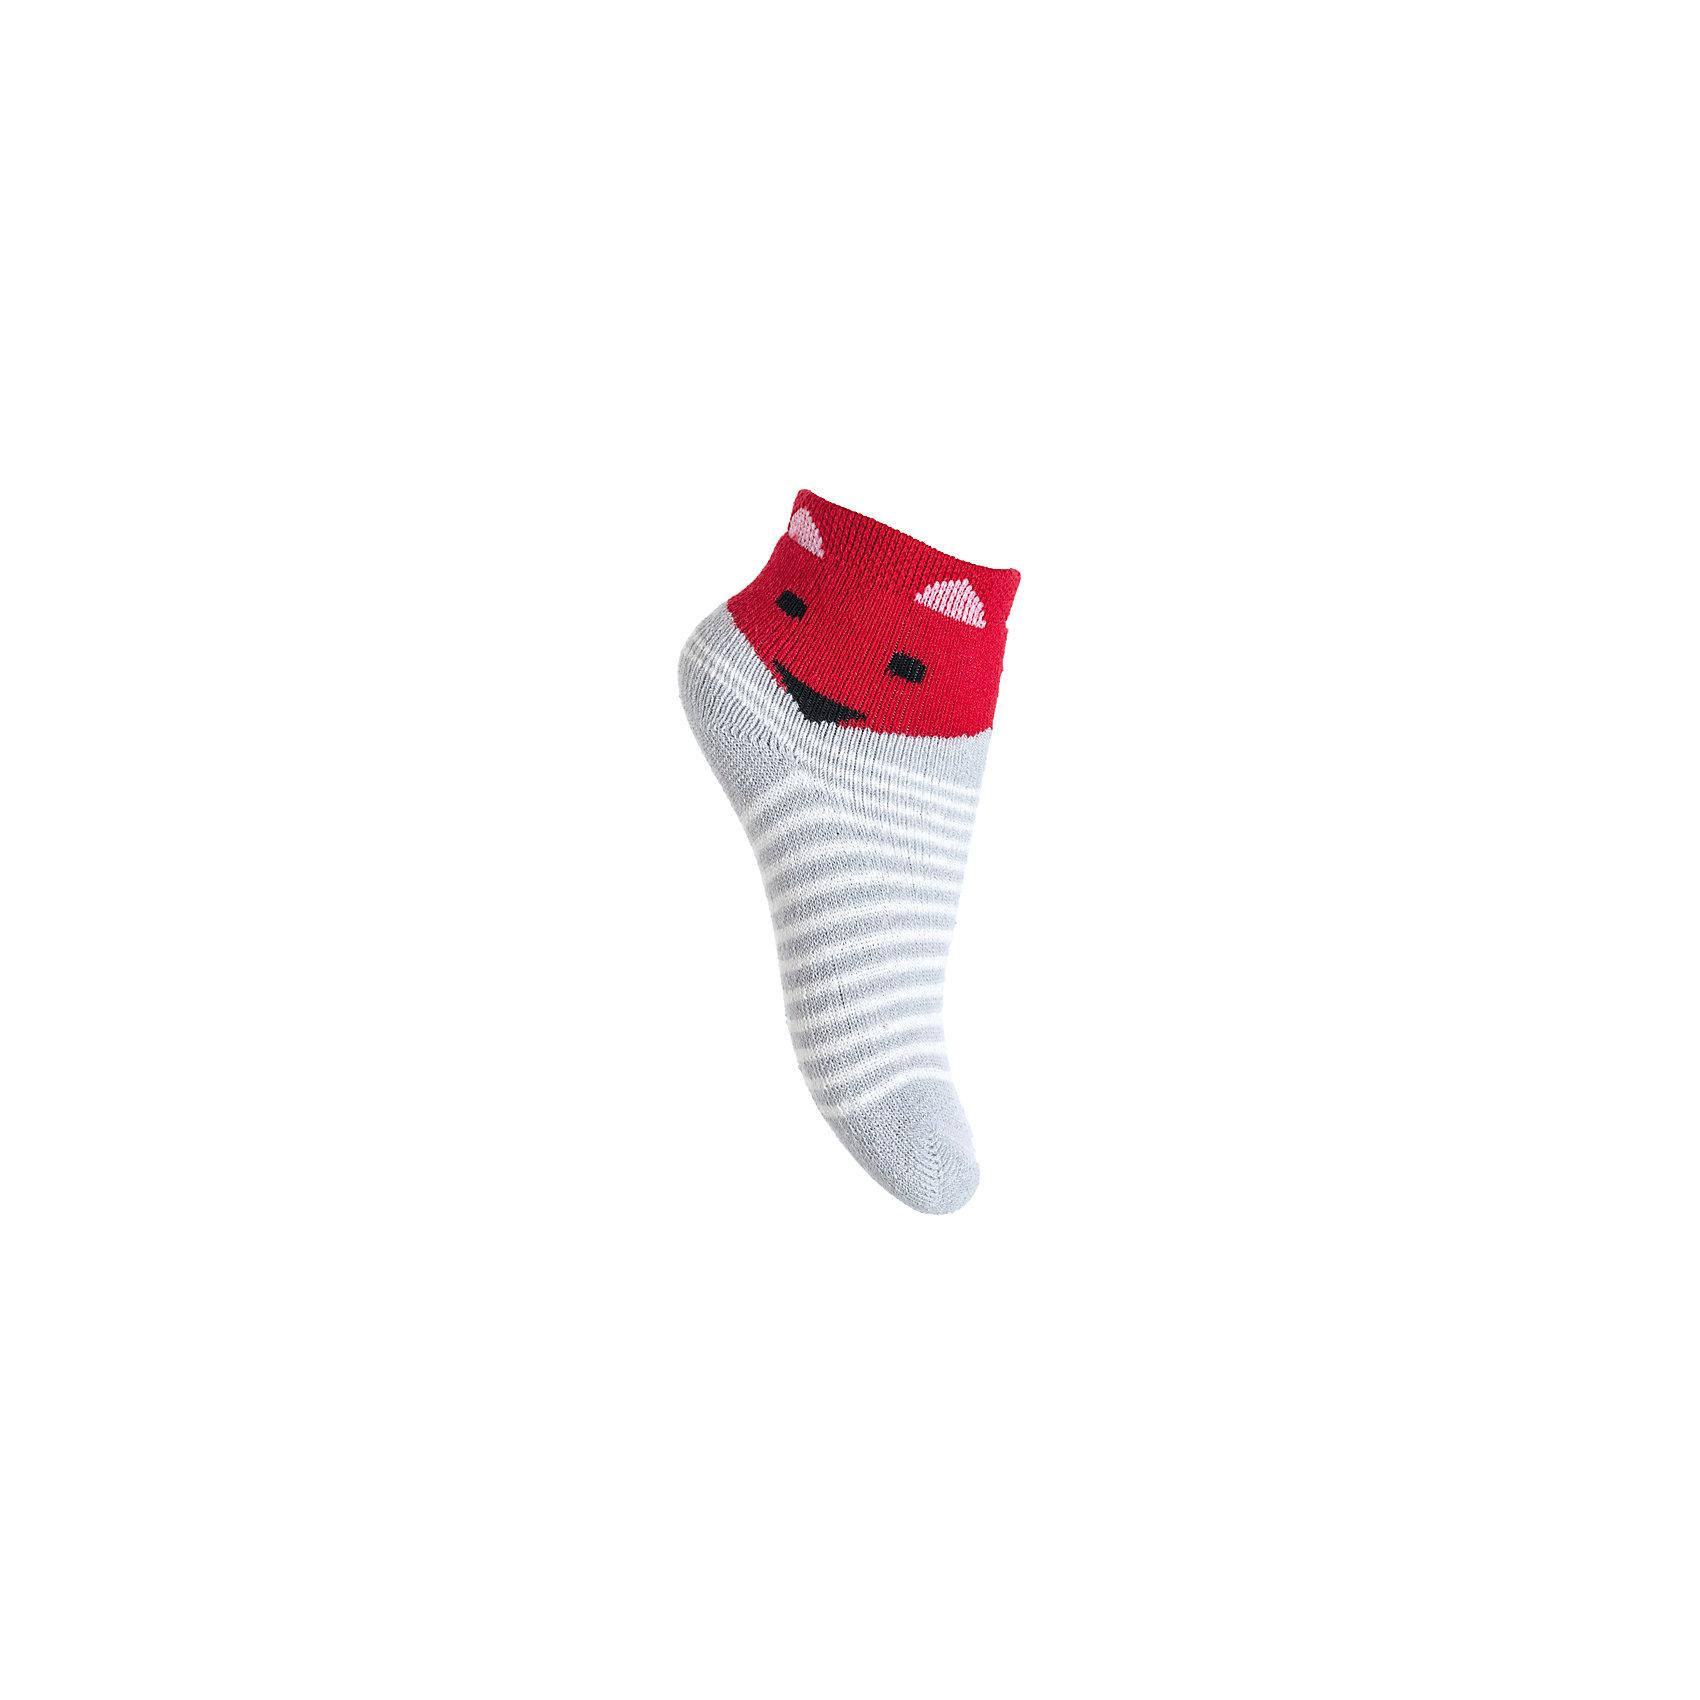 Носки PlayToday для мальчикаНосочки и колготки<br>Носки PlayToday для мальчика<br>Махровые носки очень мягкие, из  натуральных материалов, приятные к телу и не сковывают движений. Хорошо пропускают воздух, тем самым позволяя коже дышать. Даже частые стирки, при условии соблюдений рекомендаций по уходу, не изменят ни форму, ни цвет изделия. Модель выполнена в технике yarn dyed - в процессе производства используются разного цвета нити. При рекомендуемом уходе, изделие не линяет и надолго остается в первоначальном виде. Мягкая резинка не сдавливает нежную детскую кожу.<br>Состав:<br>80% хлопок, 15% нейлон, 5% эластан<br><br>Ширина мм: 87<br>Глубина мм: 10<br>Высота мм: 105<br>Вес г: 115<br>Цвет: серый<br>Возраст от месяцев: 12<br>Возраст до месяцев: 18<br>Пол: Мужской<br>Возраст: Детский<br>Размер: 11<br>SKU: 7110087